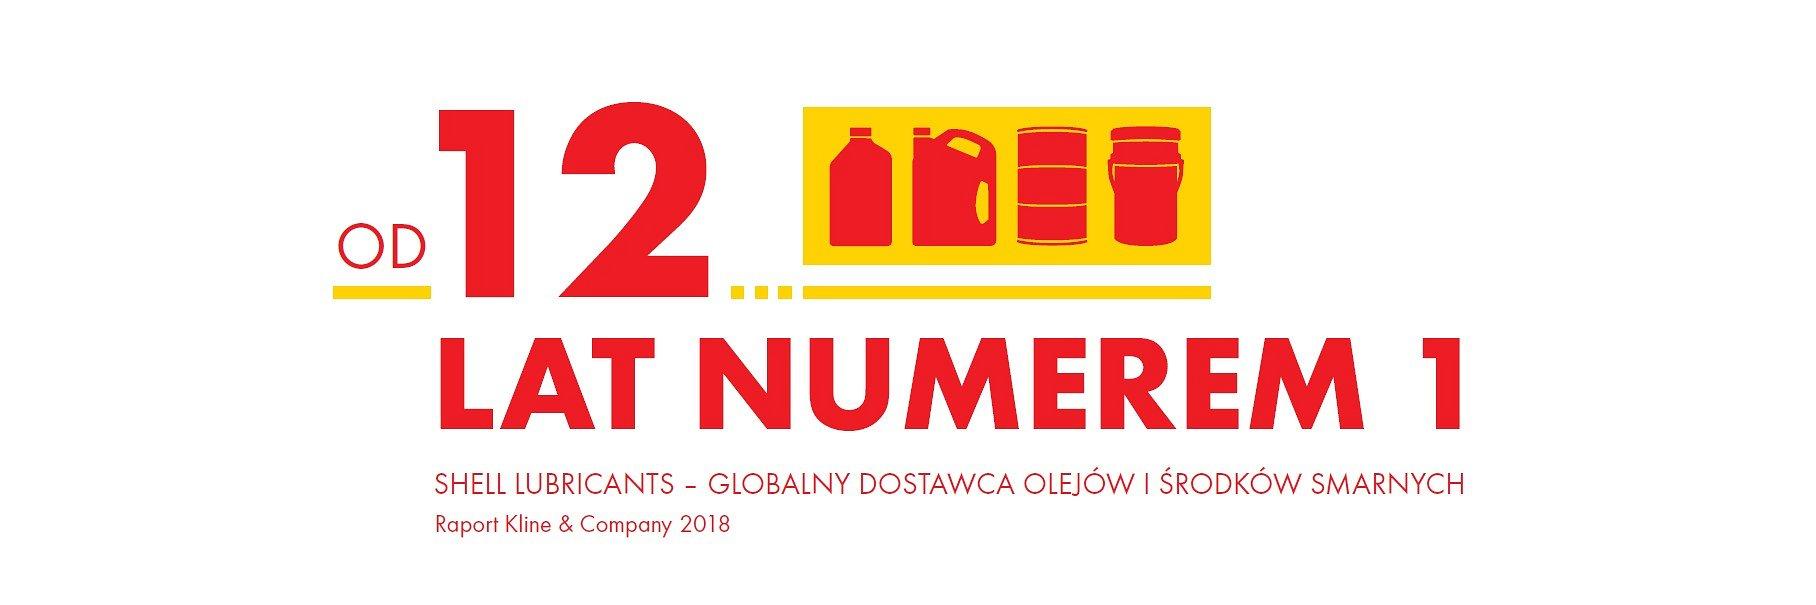 Dział olejowy Shell światowym liderem po raz 12. z rzędu!